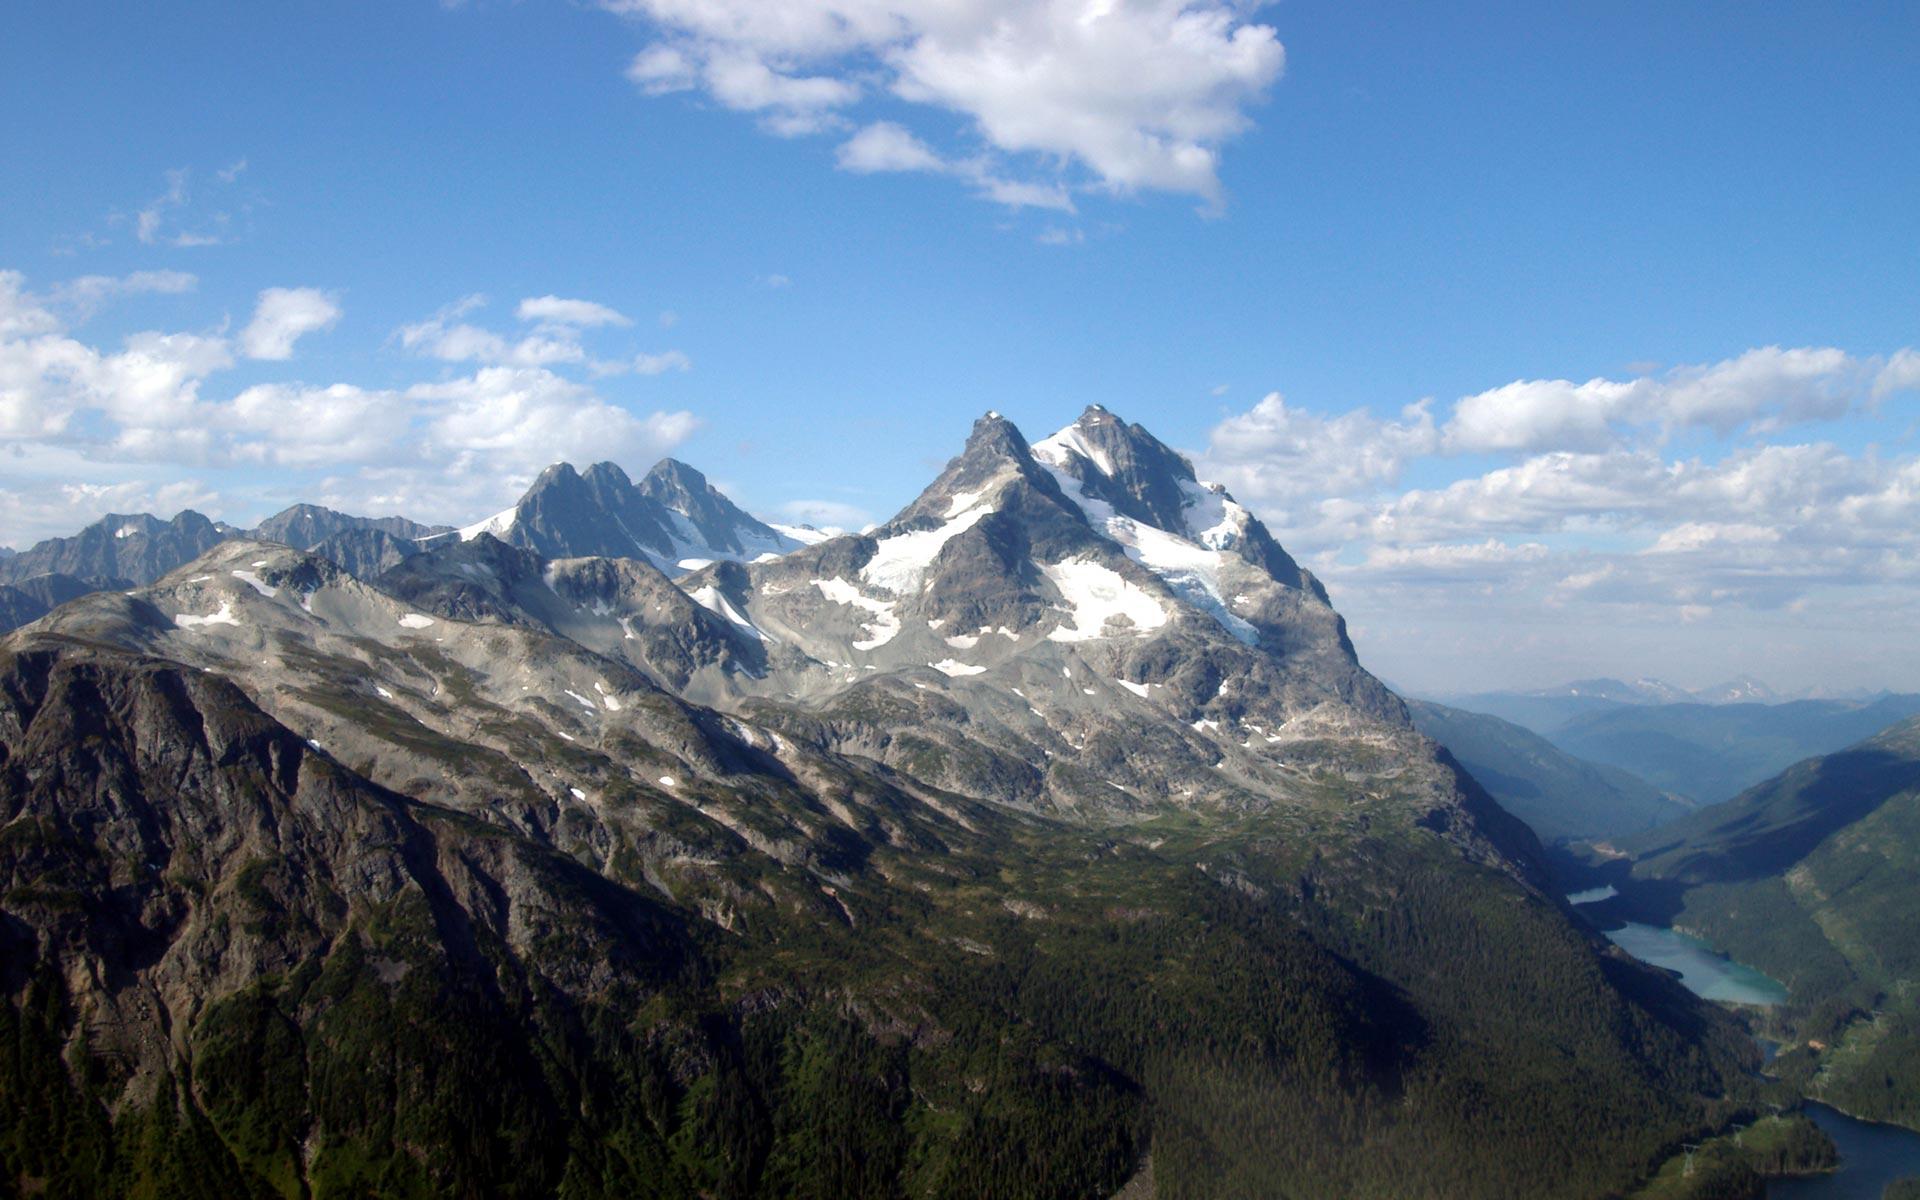 Montañas y nubes - 1920x1200